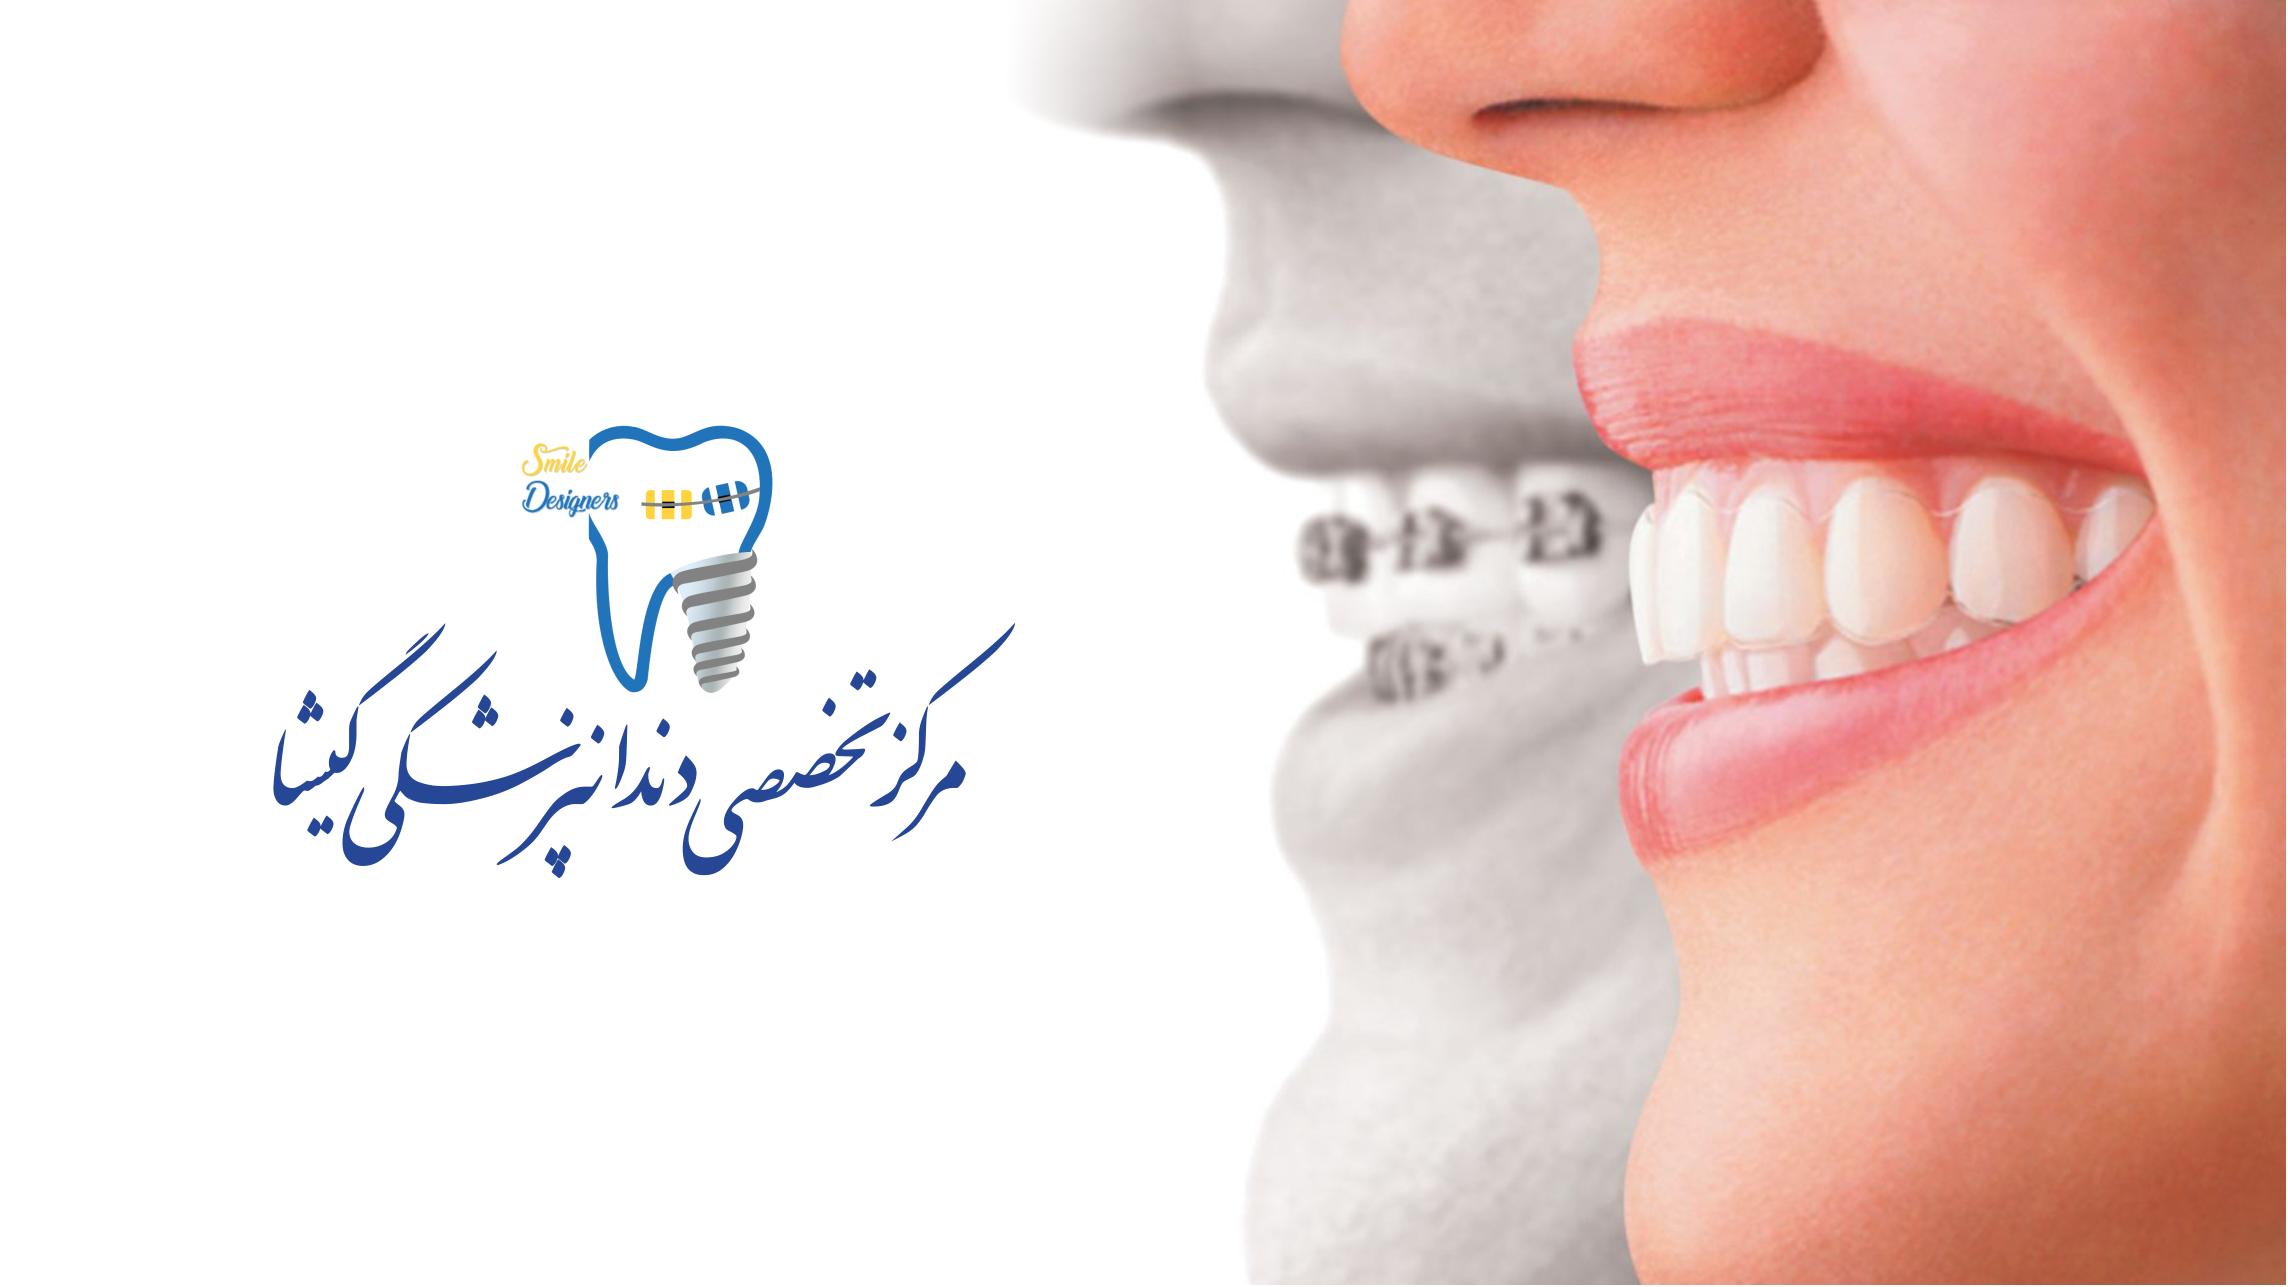 بهترین کلینیک دندانپزشکی زیبایی در تهران